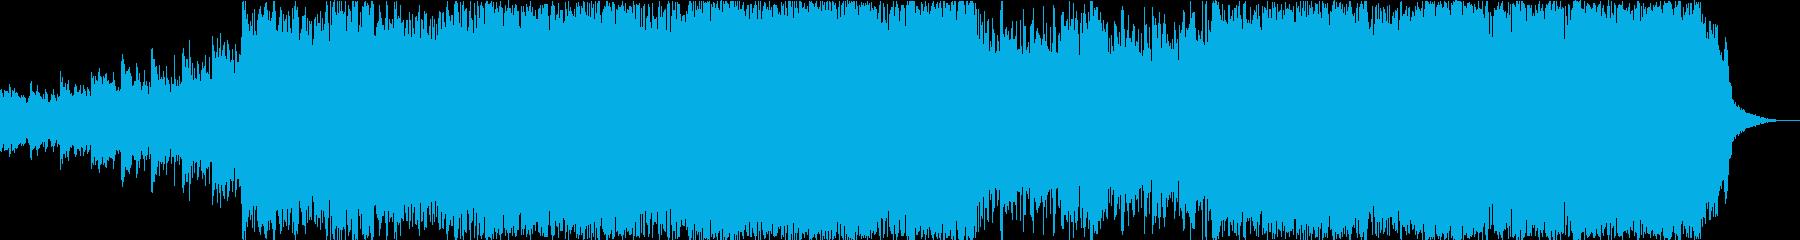 現代の交響曲 積極的 焦り 広い ...の再生済みの波形